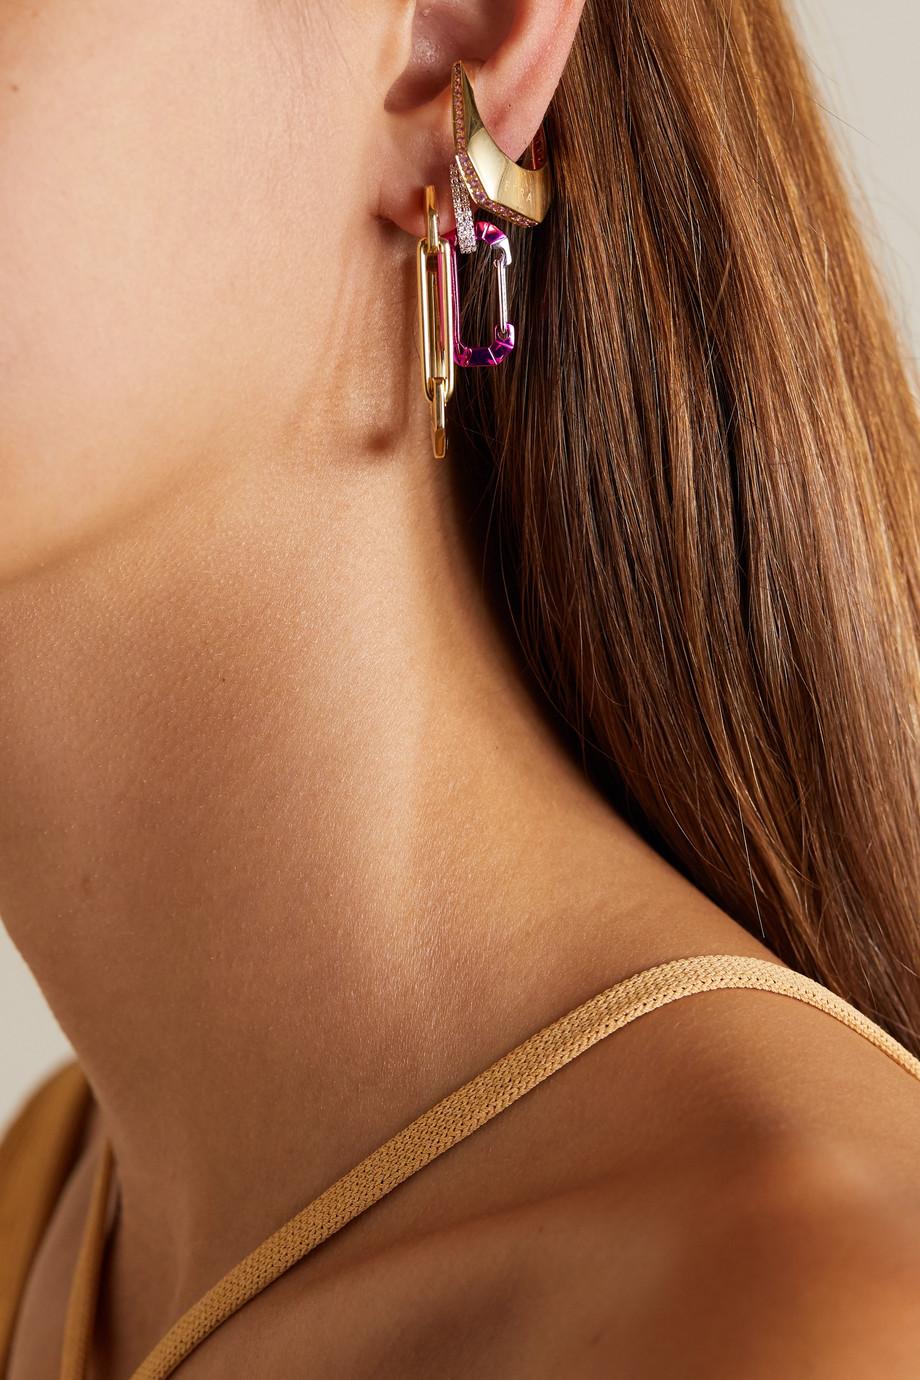 EÉRA Chiara white gold and silver diamond earring